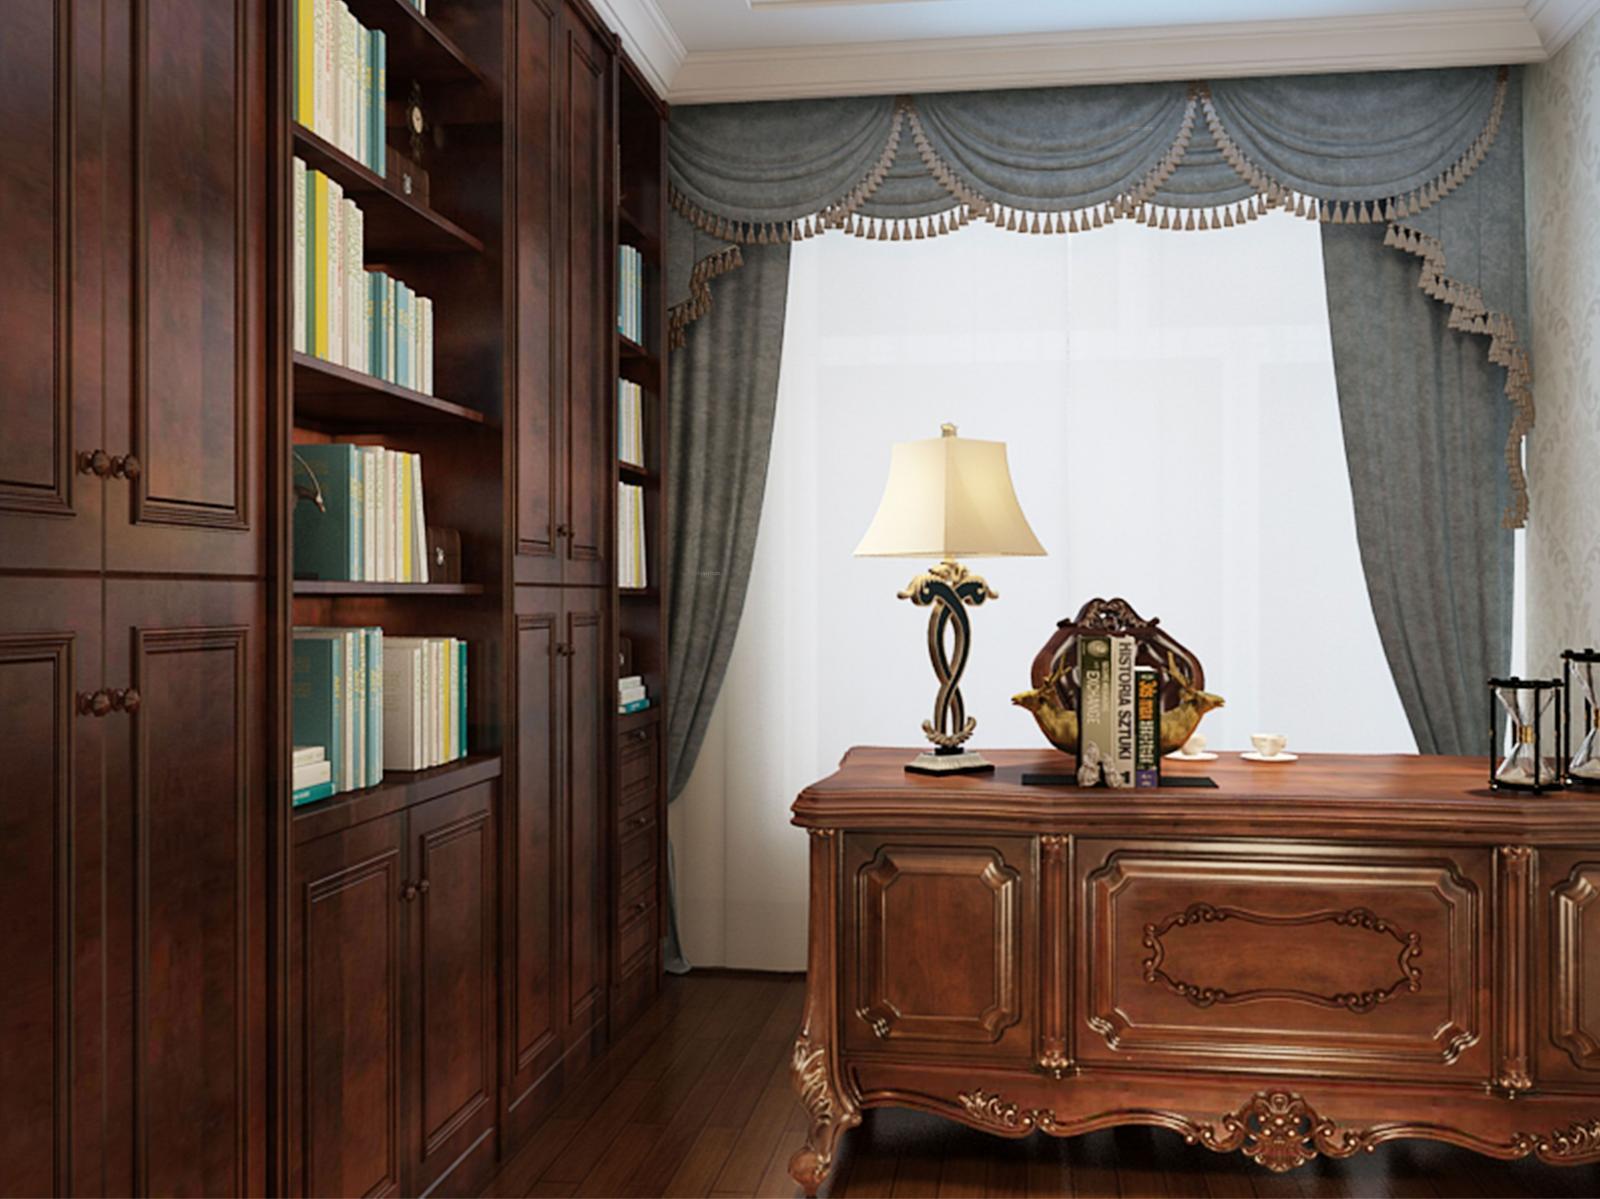 三居室欧式风格书房卧室背景墙_鸣雀 鲁商装修效果图